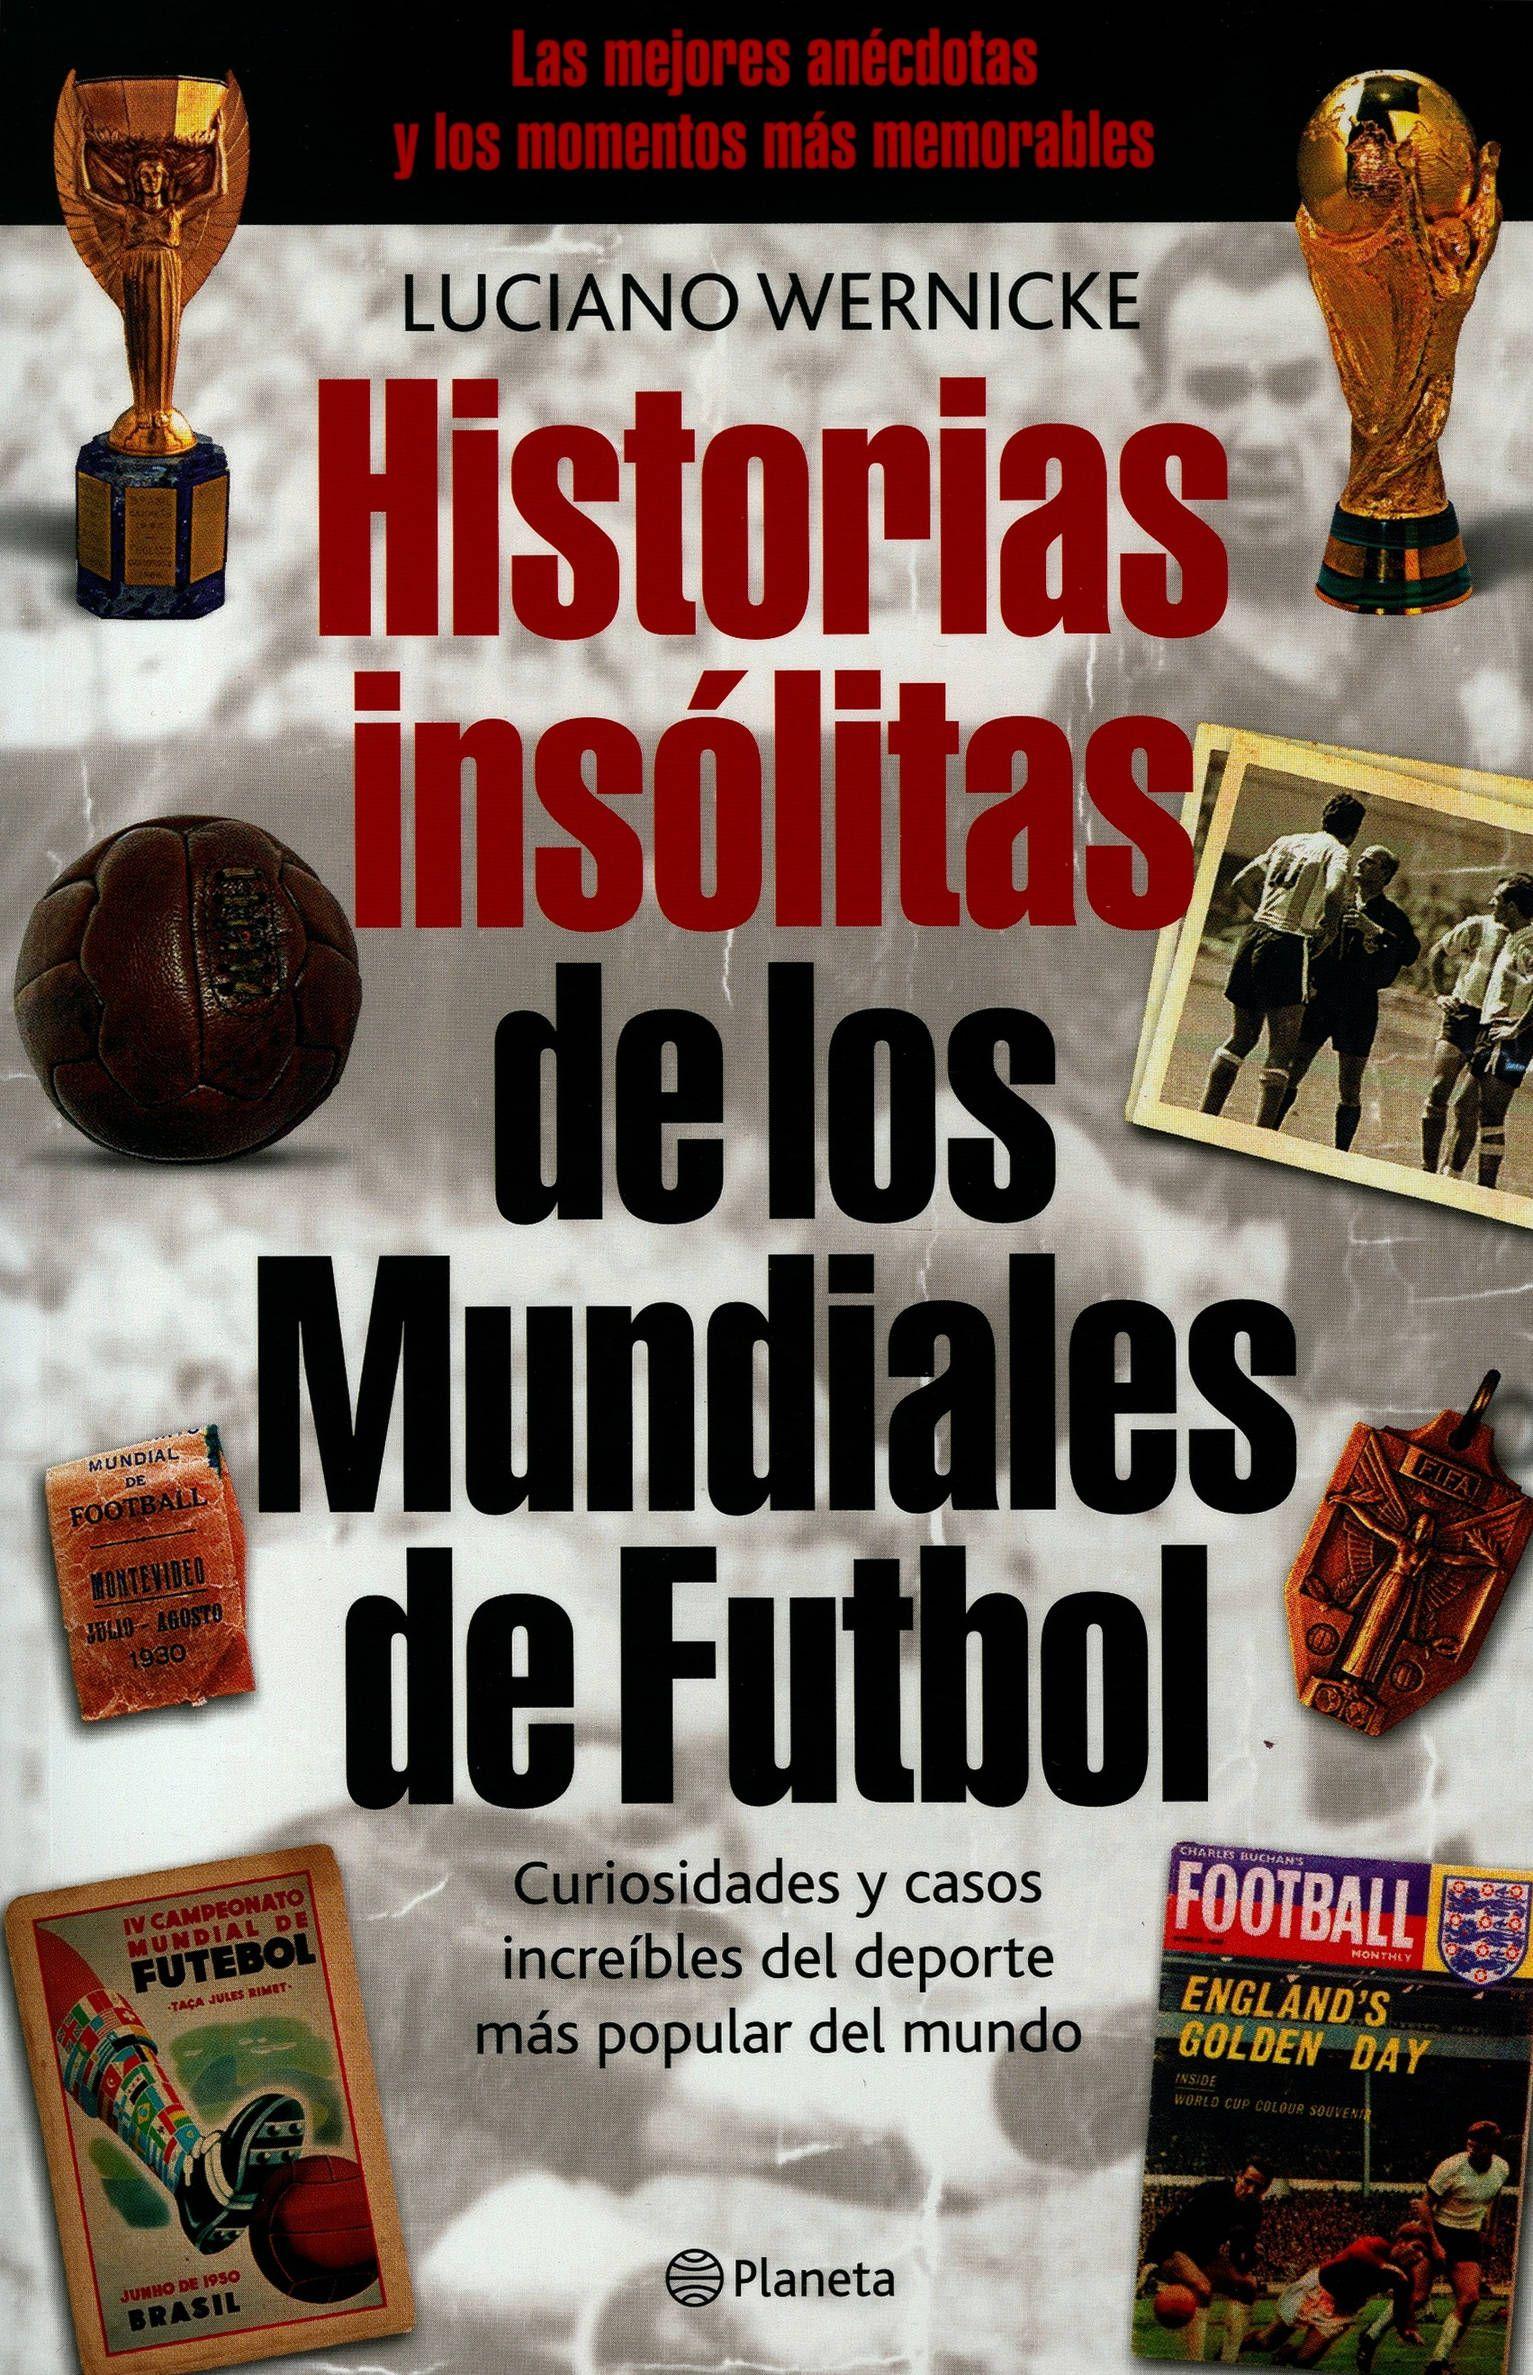 Resultado de imagen de libro curiosidades mundiales de futbol